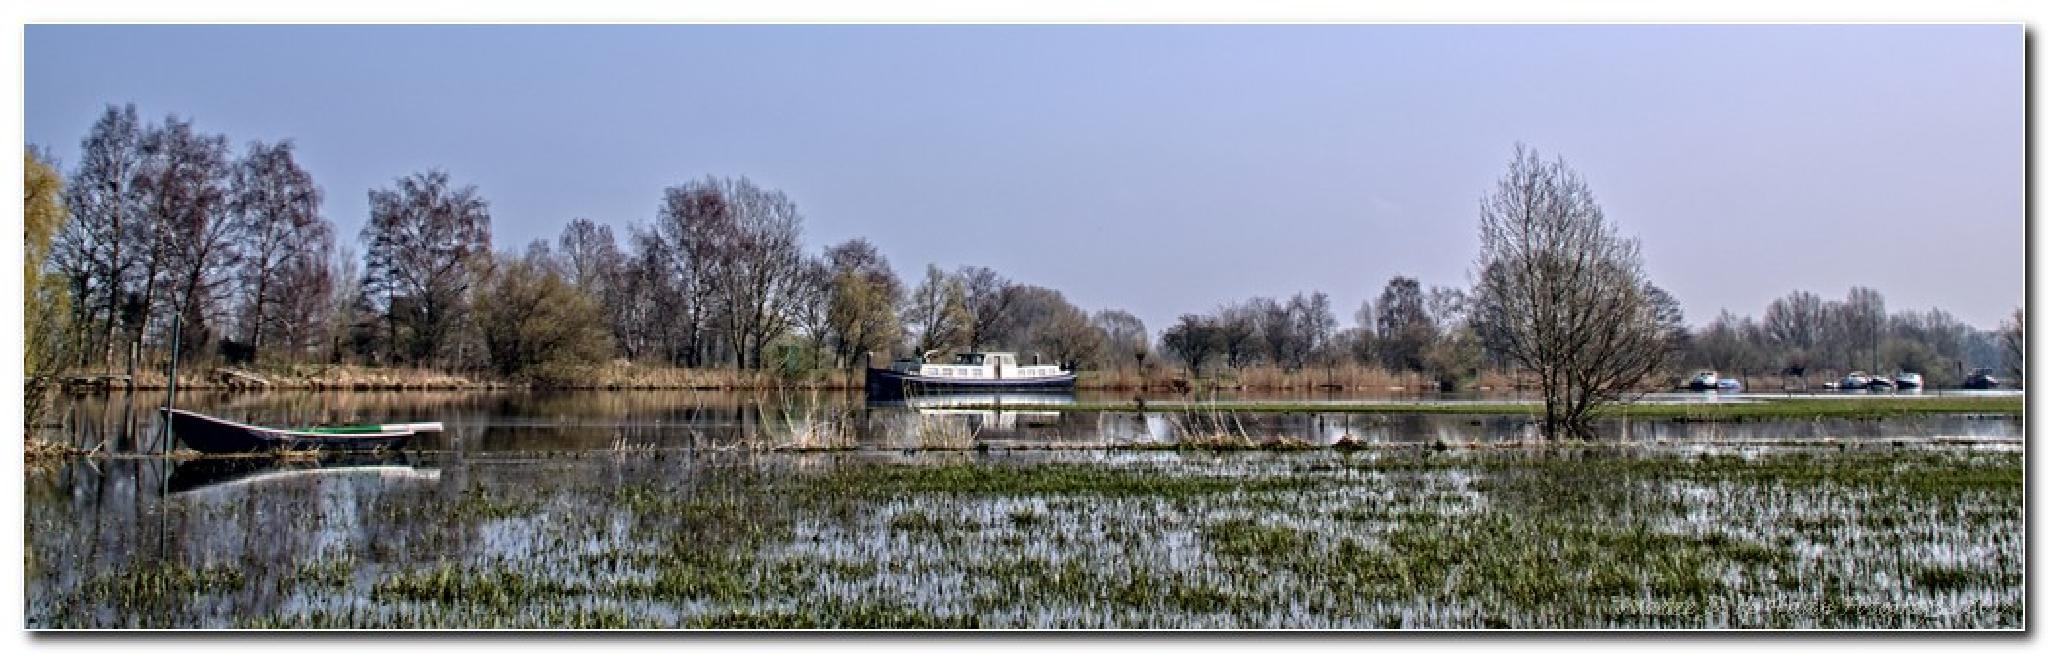 Water and water, IJssel Netherlands by Watze D. de Haan